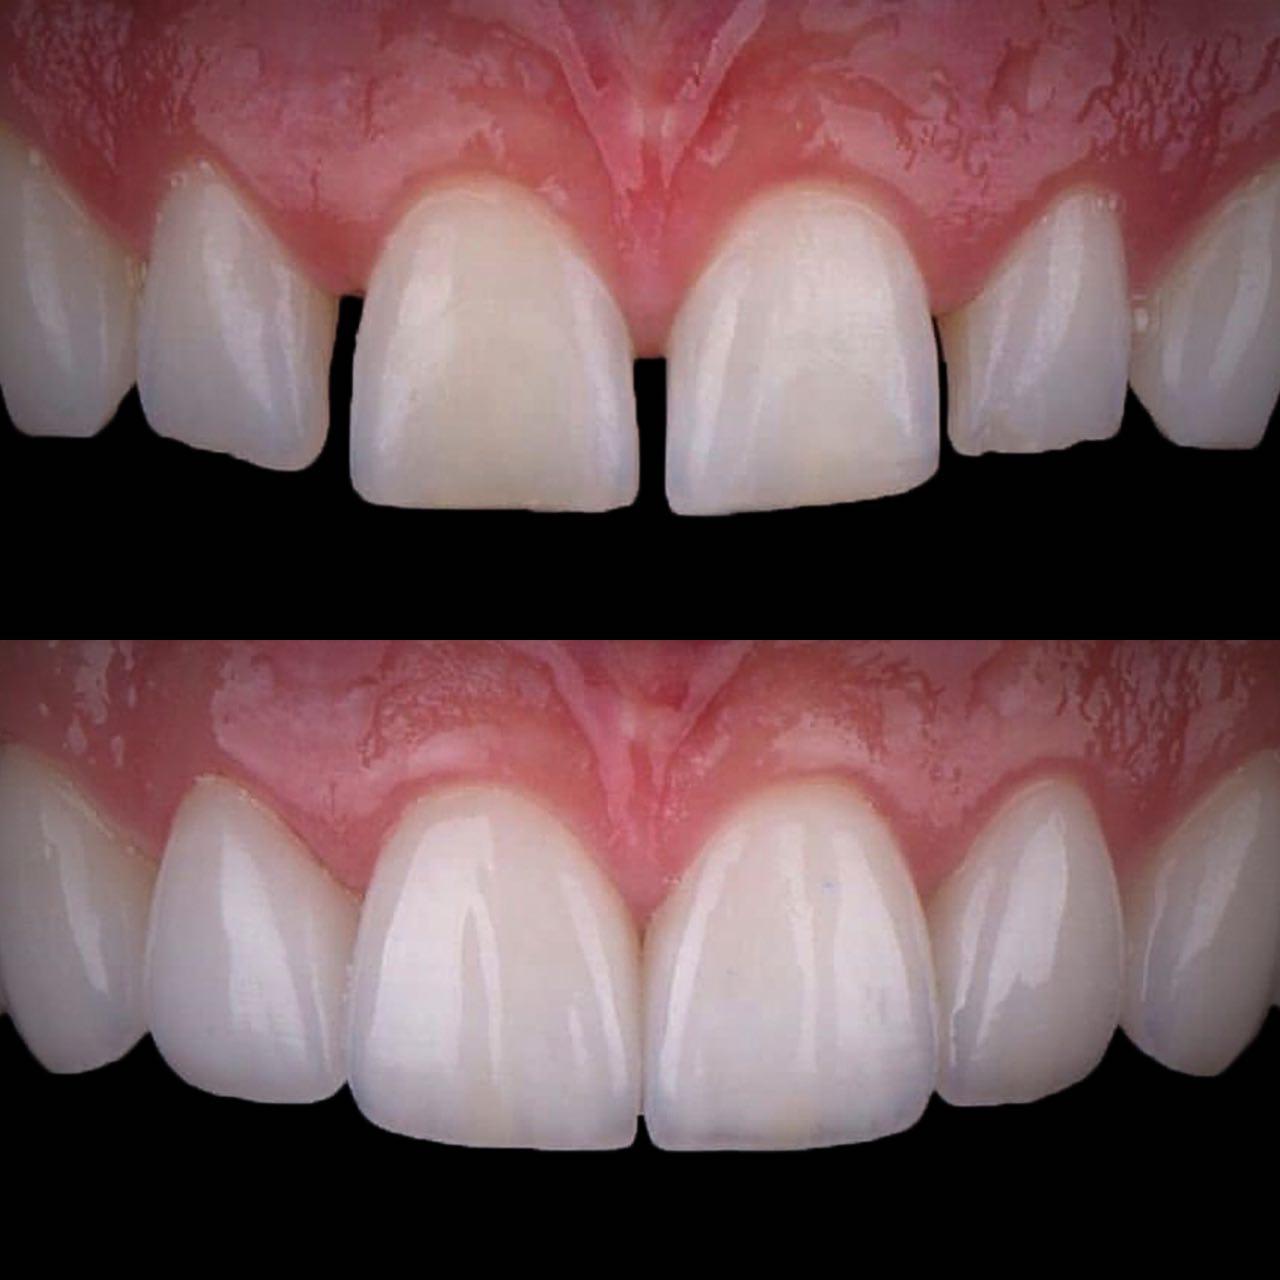 IMG EA28C0AD23FD 3 - Художня реставрація зубів